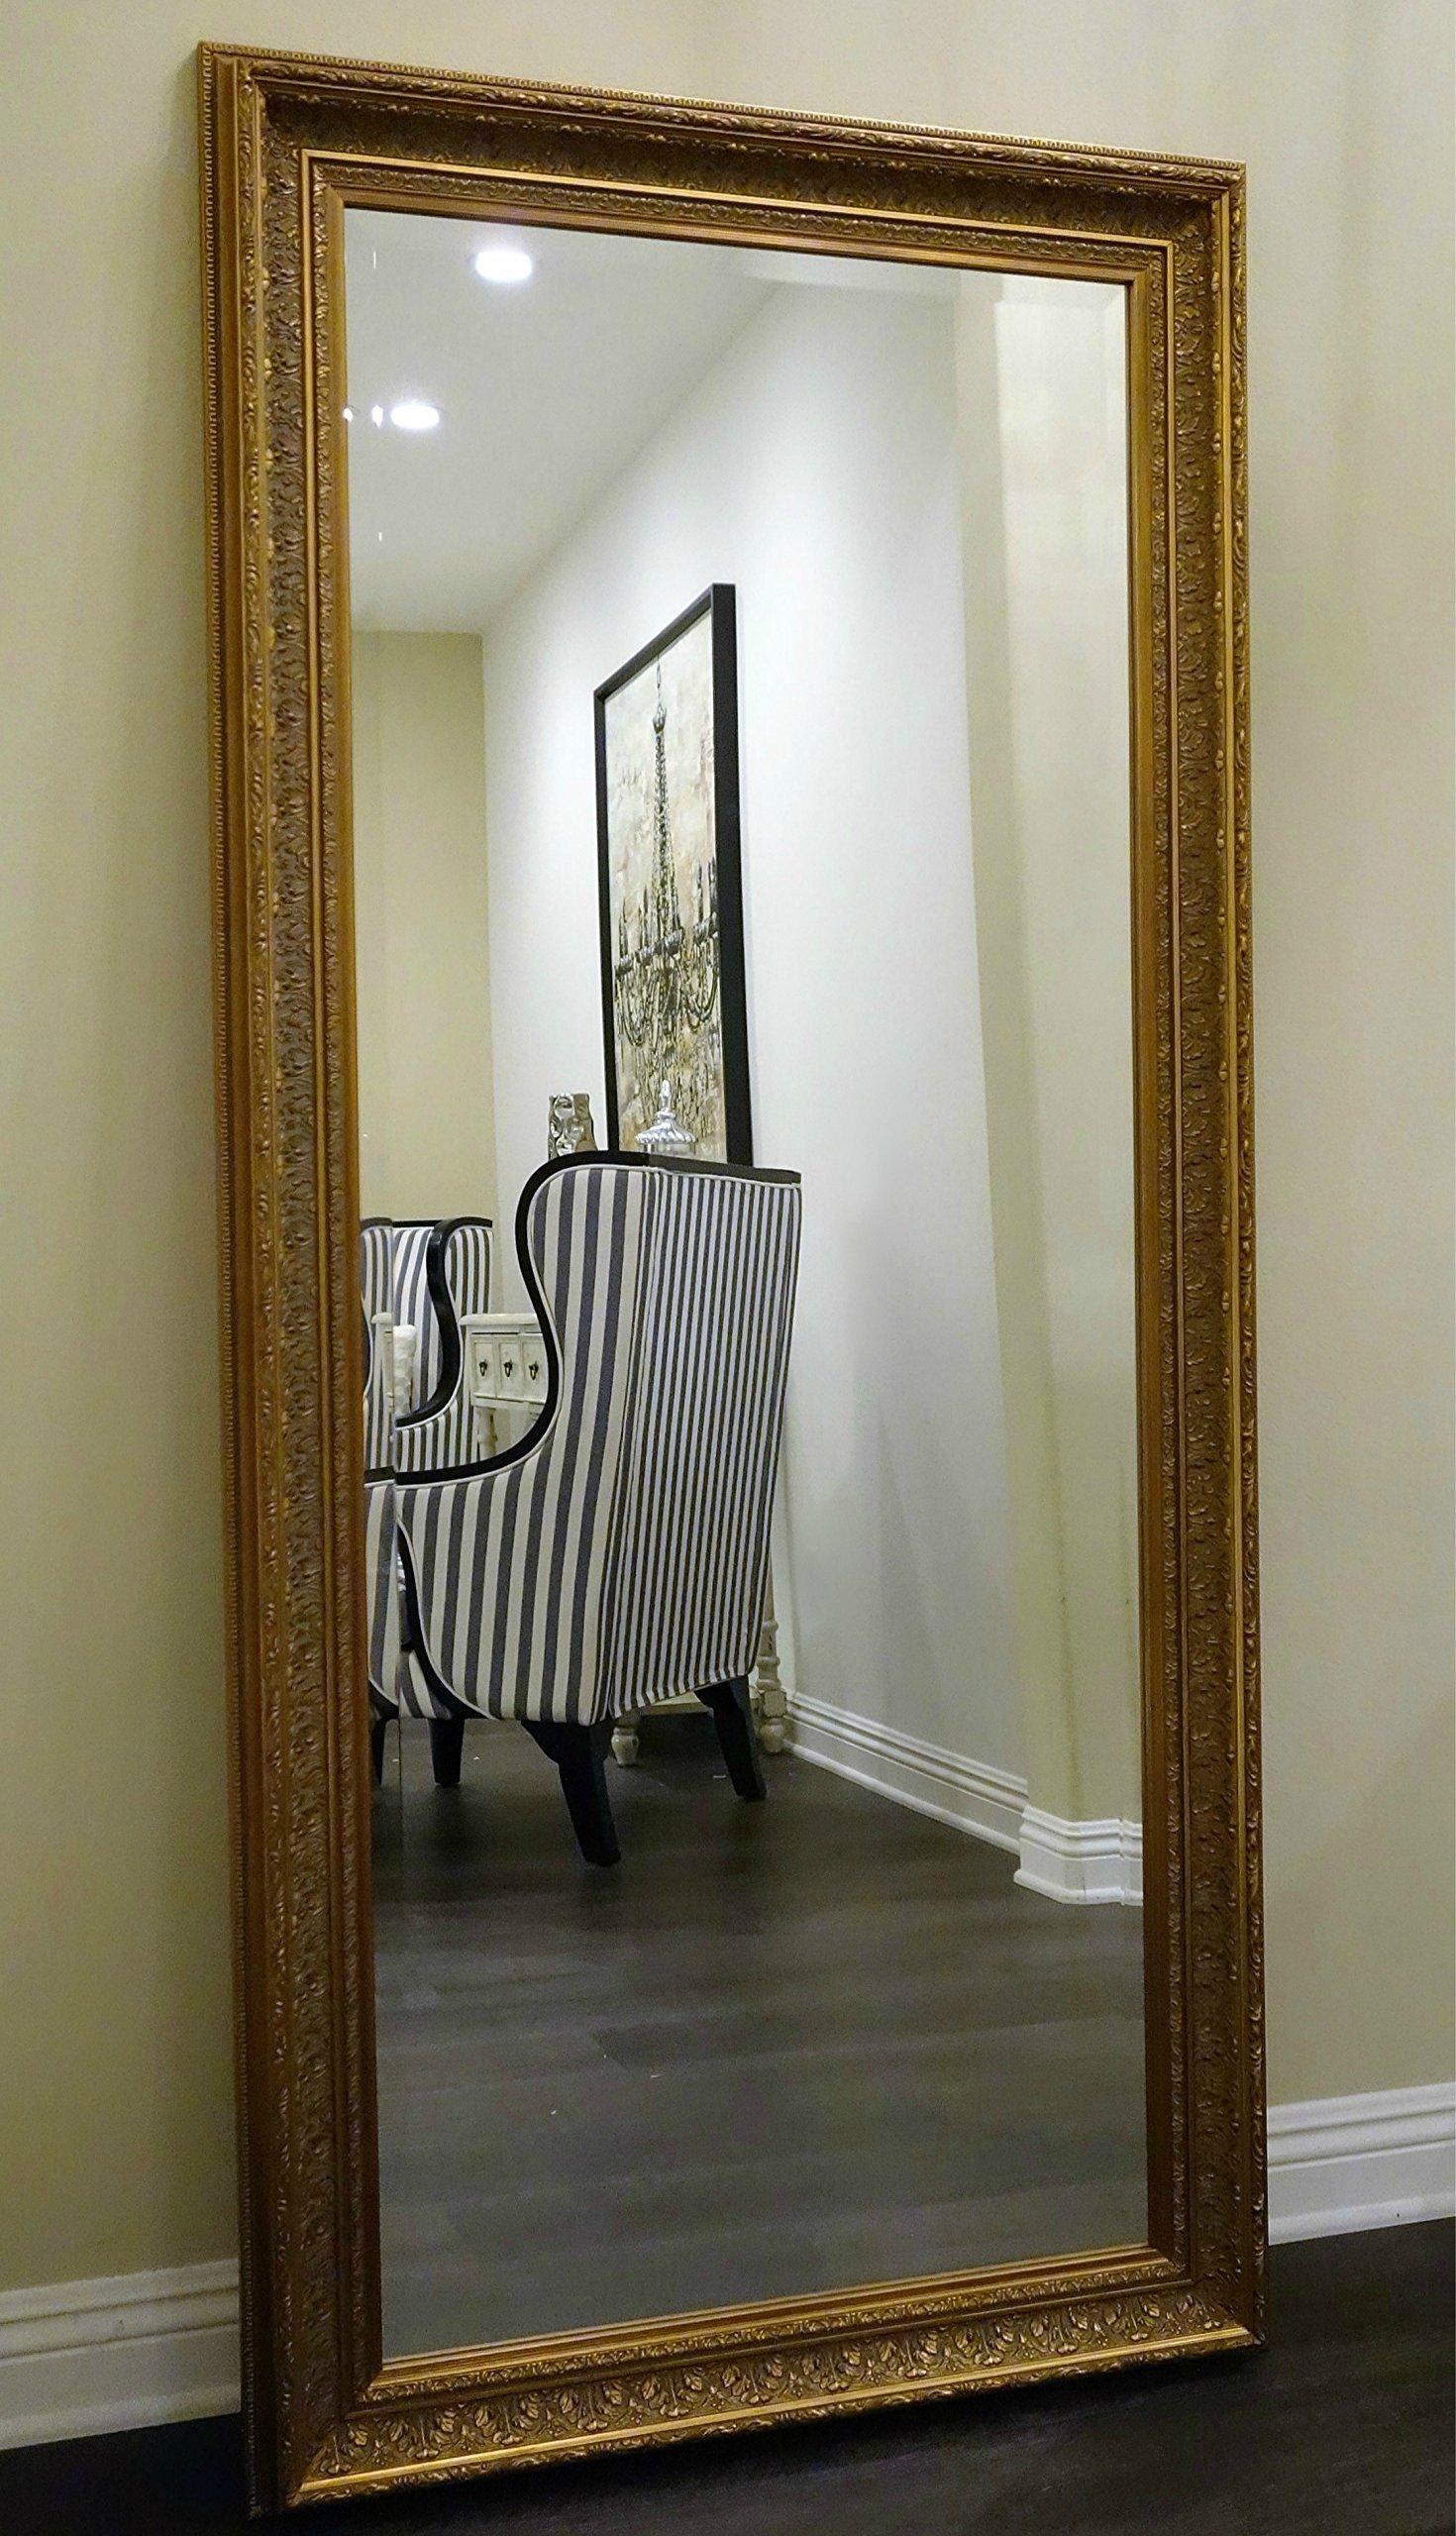 West Frames Elegance Ornate Embossed Antique Gold Leaf Wood Framed Floor Mirror